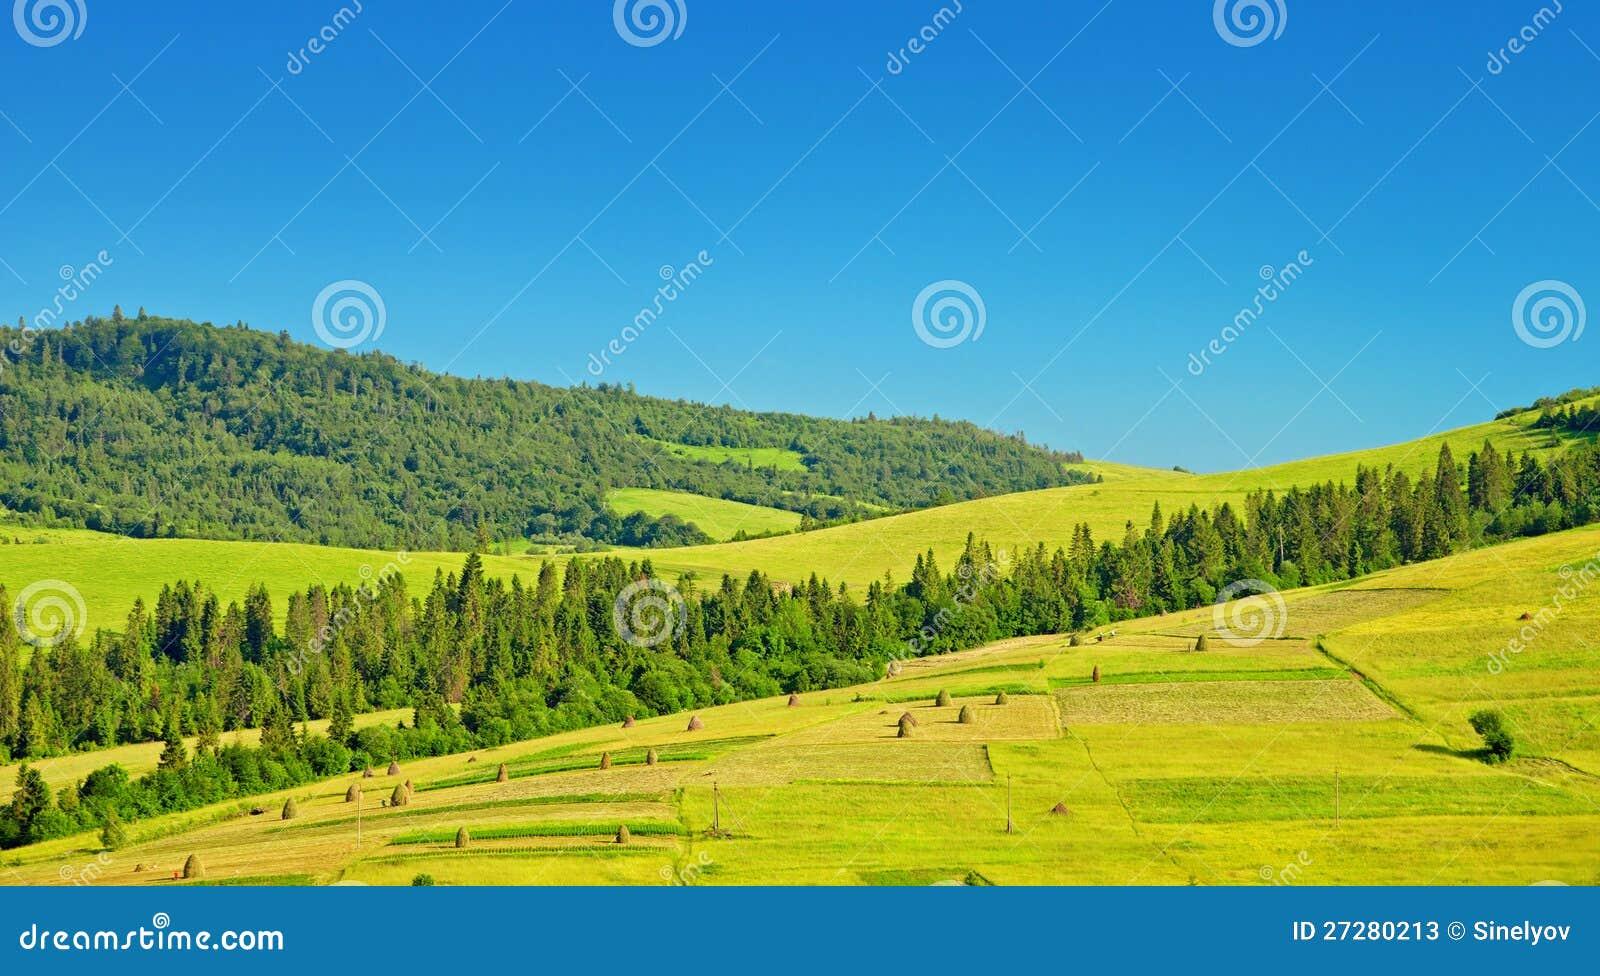 Gröna fält på kullar